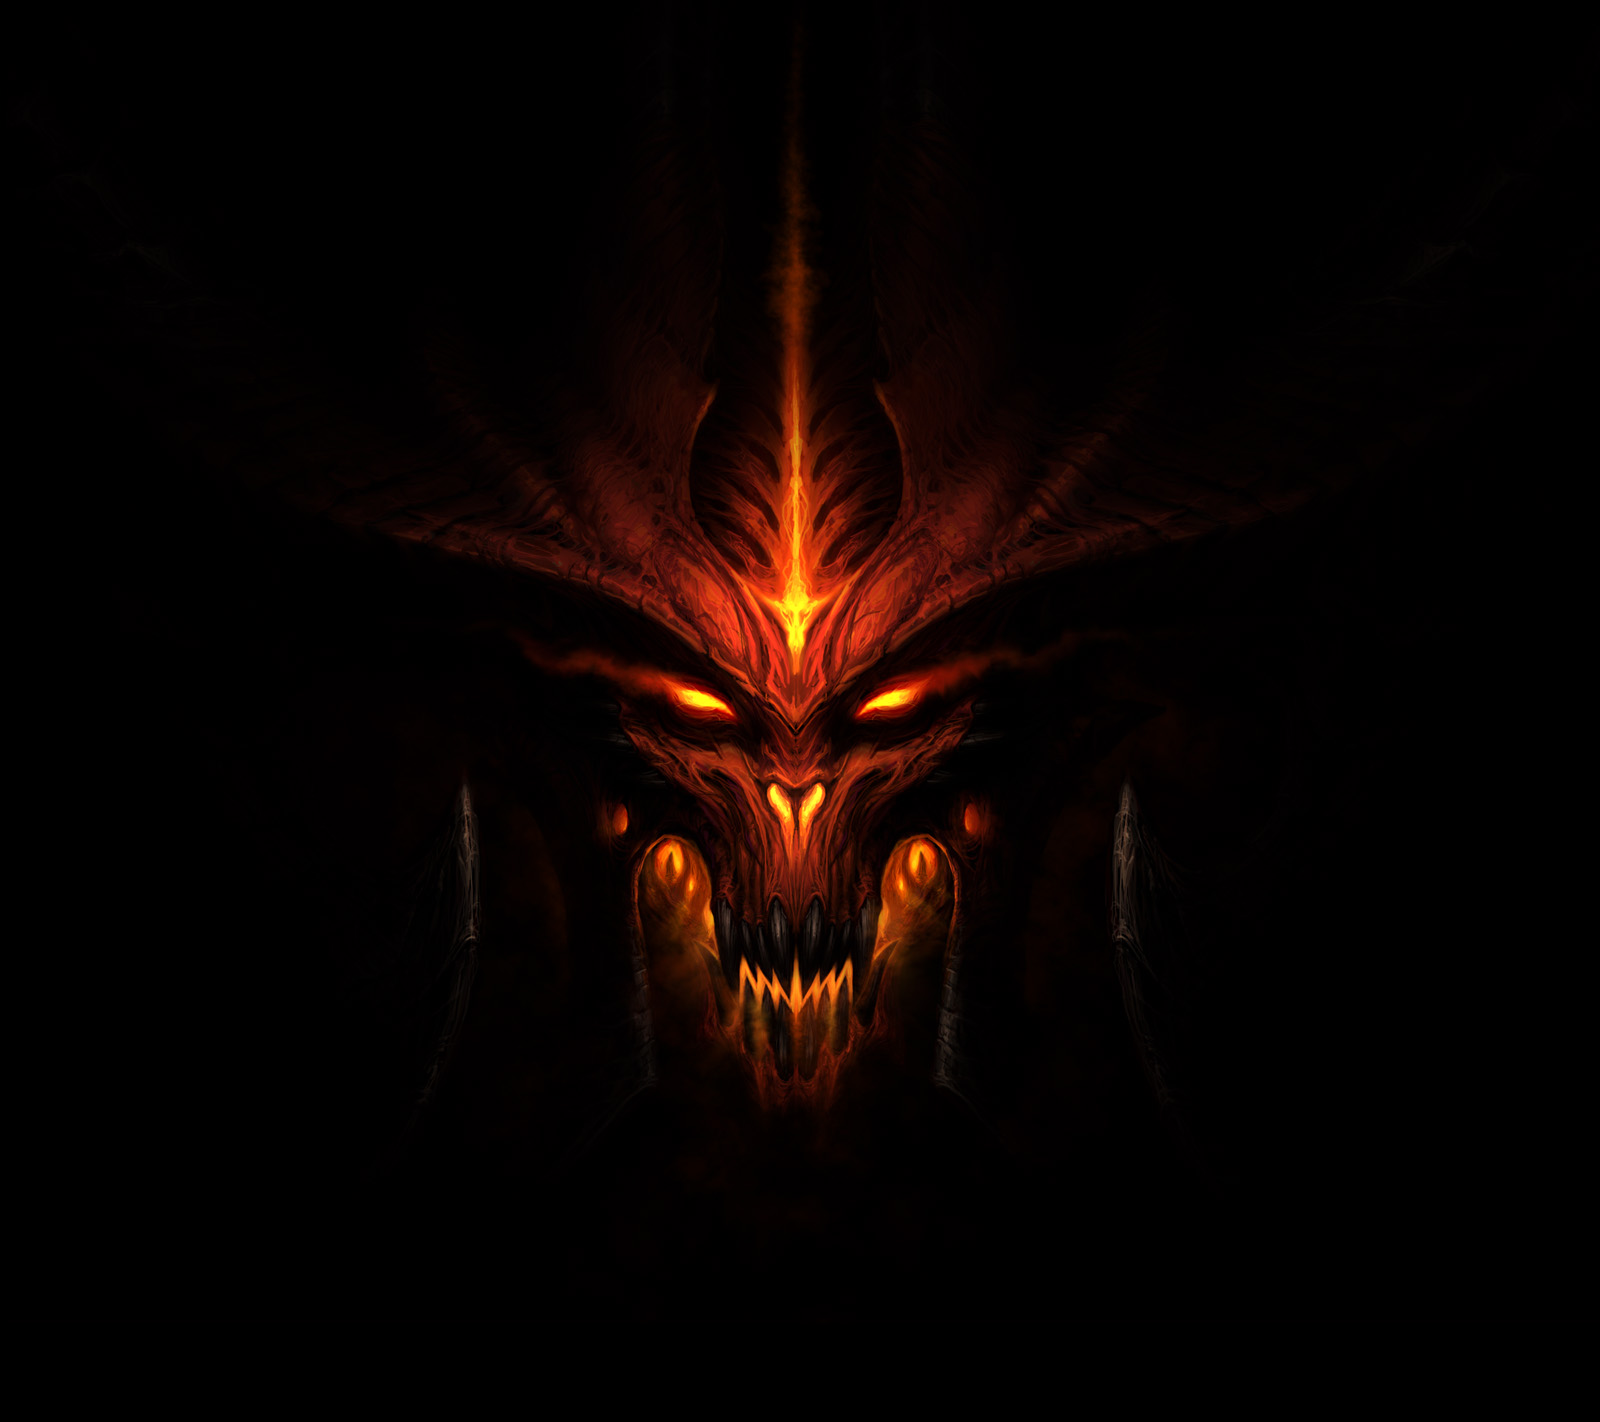 Imágenes de brujas y demonios Diablo_Head